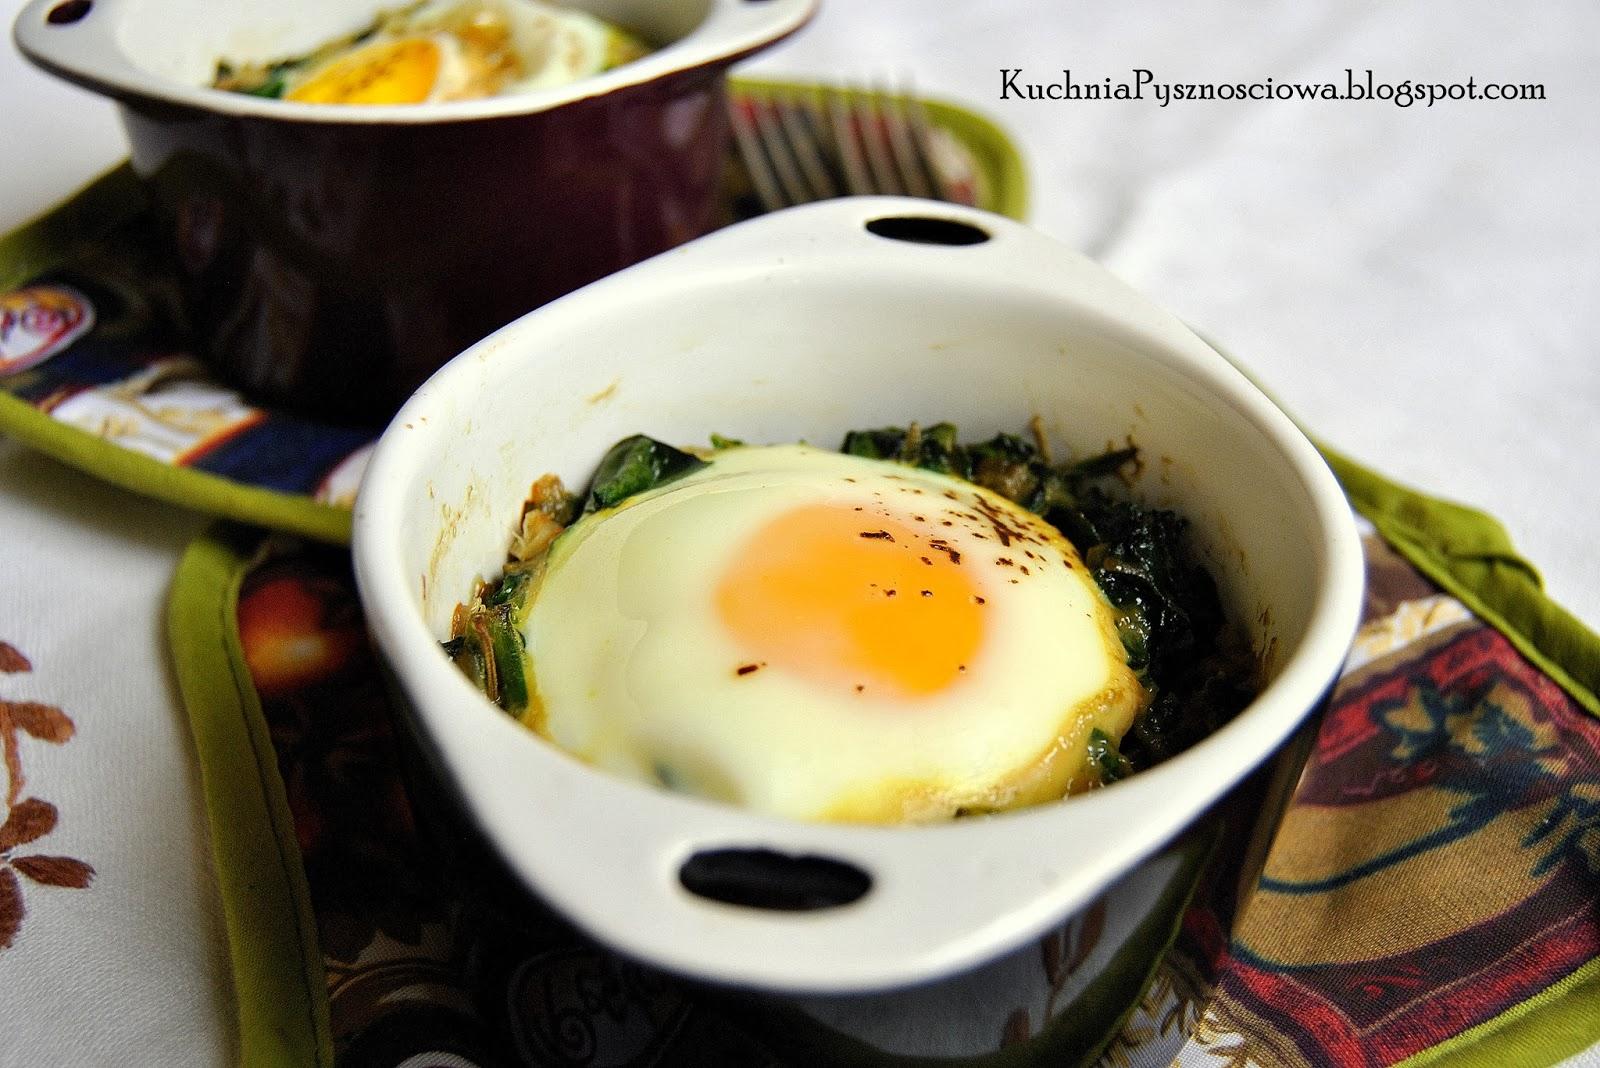 193. Jajka zapiekane ze szpinakiem na całkiem zdrowe śniadanie